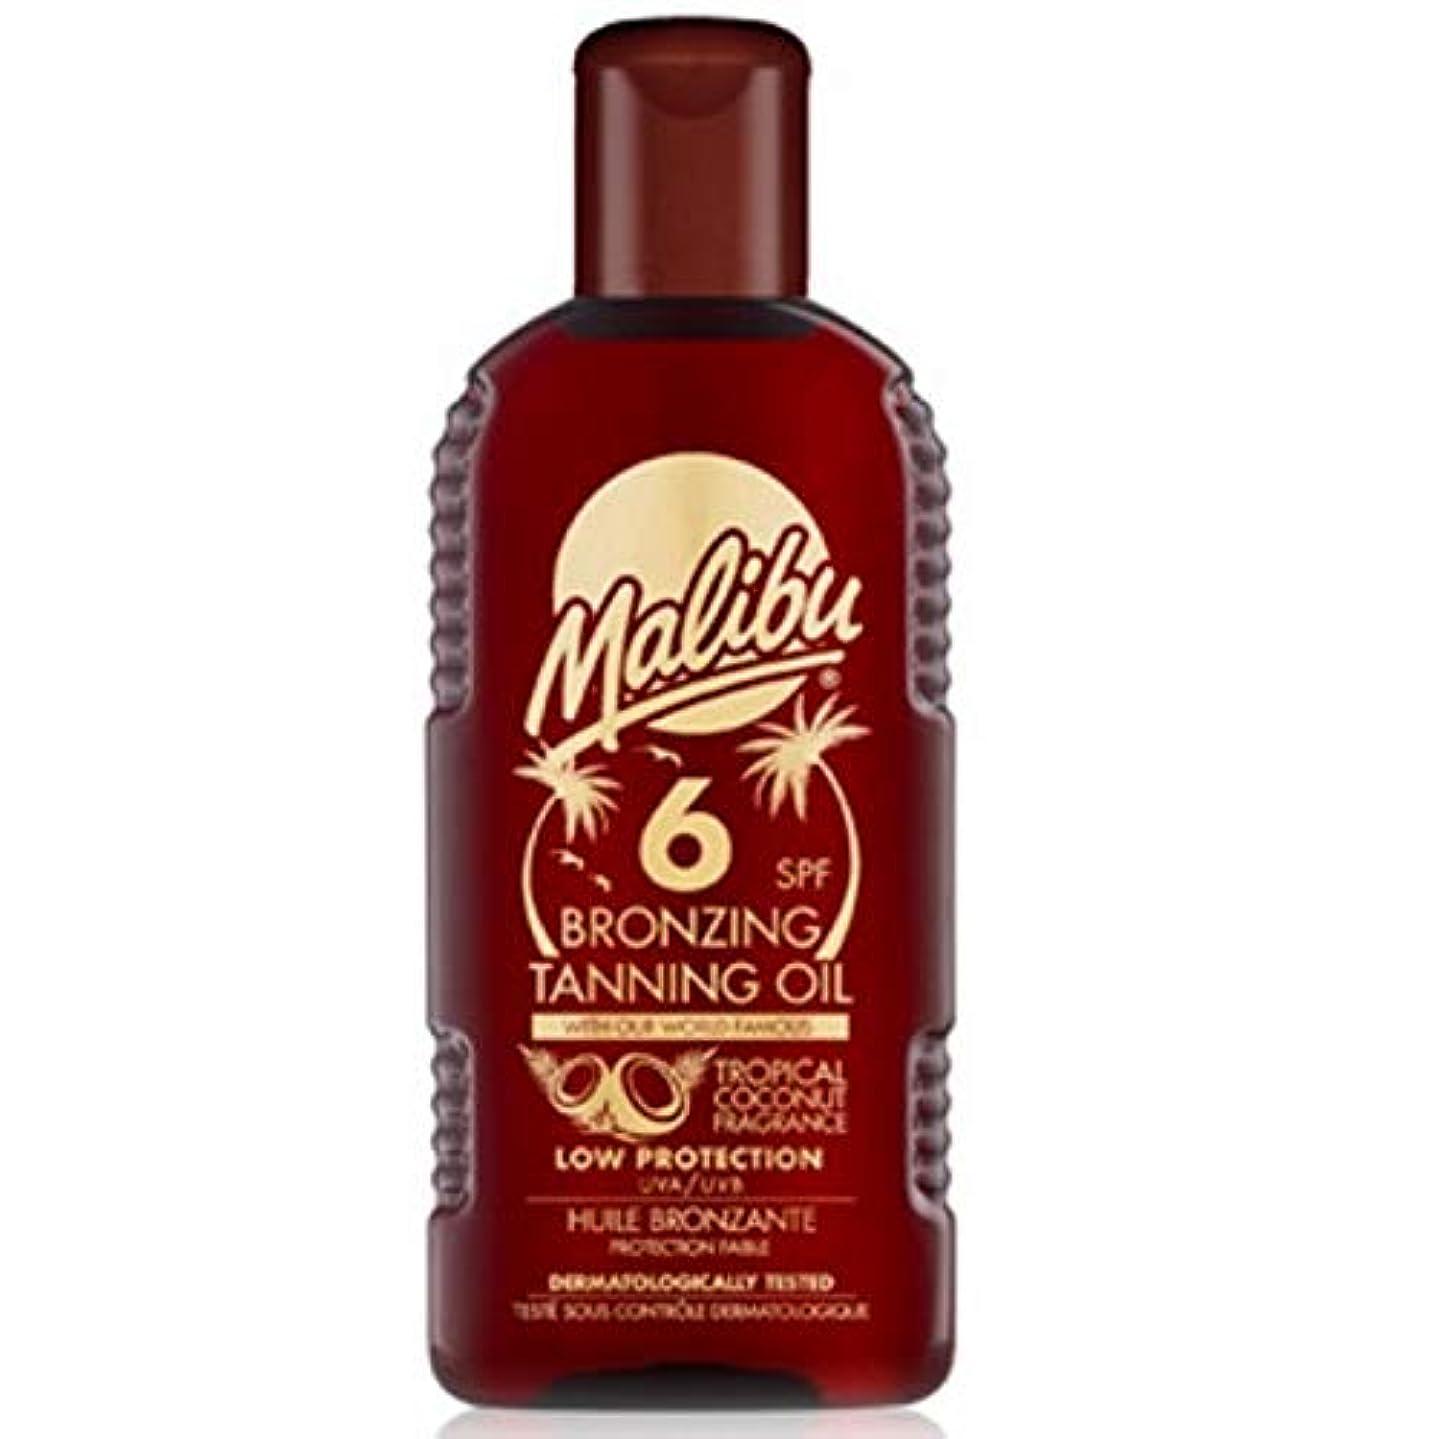 廊下しがみつく崖[Malibu ] マリブブロンズ日焼けオイルSp6 - Malibu Bronzing Tanning Oil Sp6 [並行輸入品]